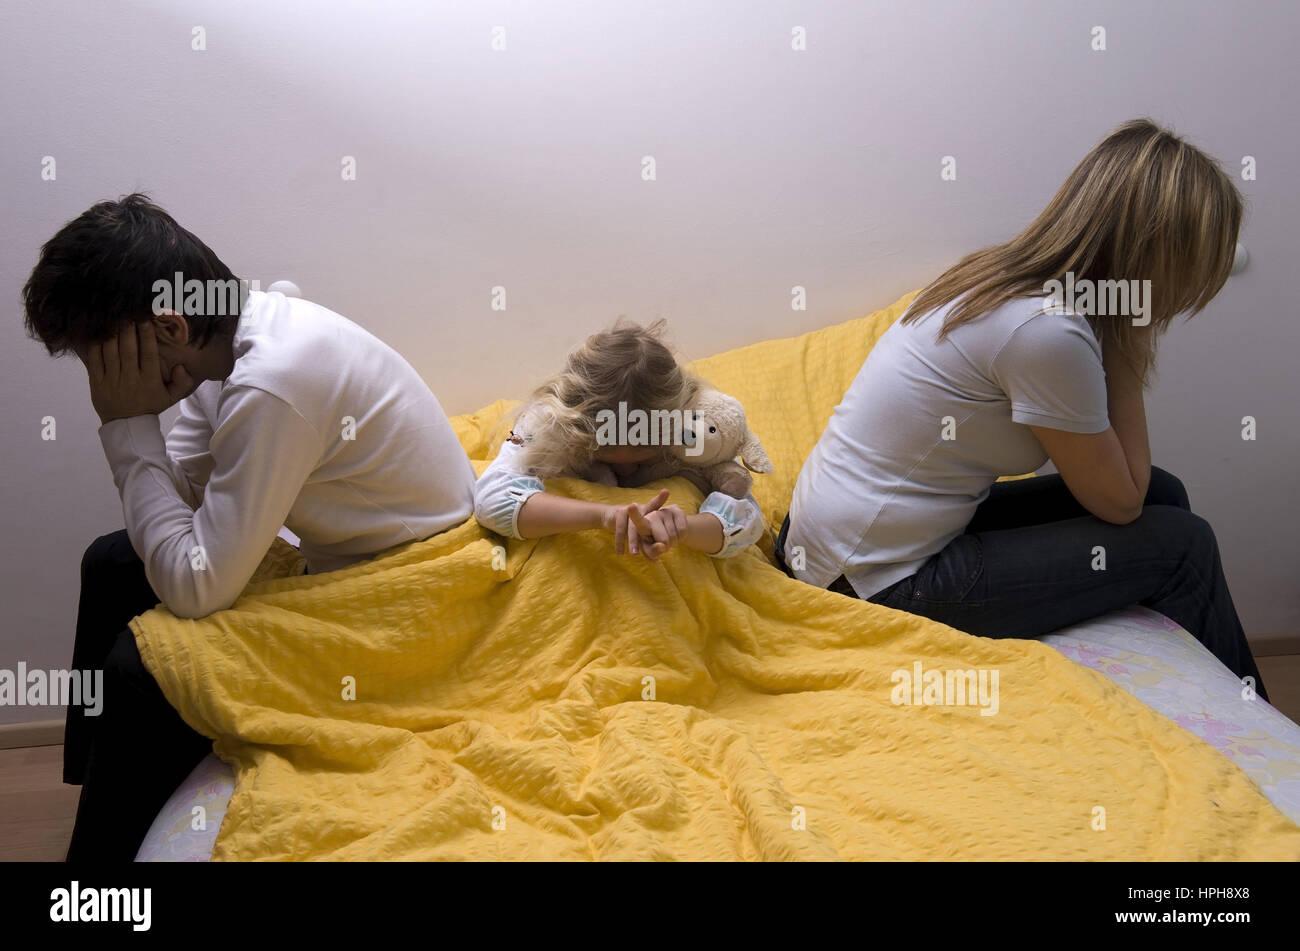 Beziehungskrise zwischen den Eltern, Tochter leidet mit - crisis in a relationship, Model released Stock Photo